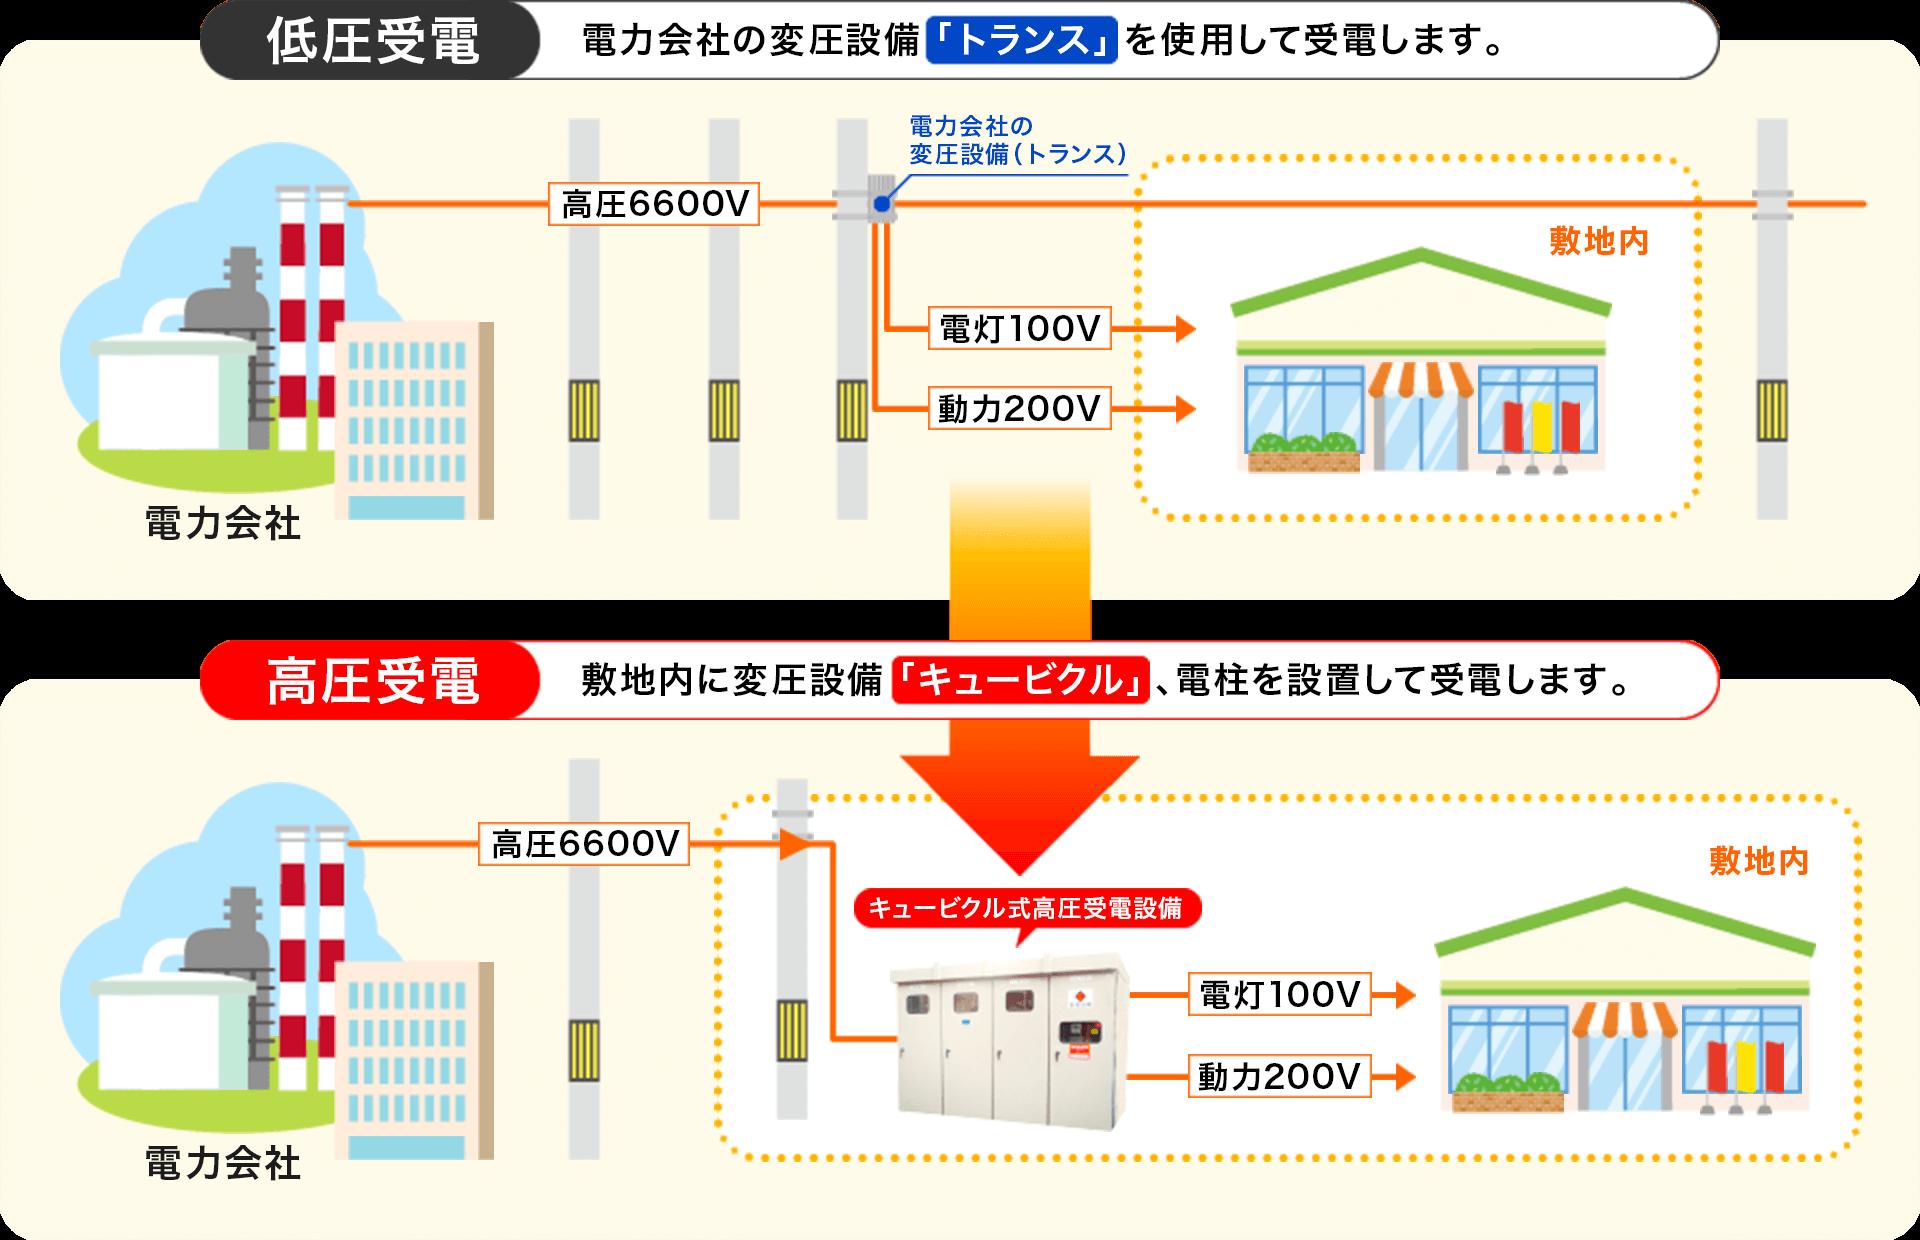 低圧受電は電力会社の変圧設備「トランス」を使用して受電します。高圧受電は敷地内に変圧設備「キュービクル」、電柱を設置して受電します。